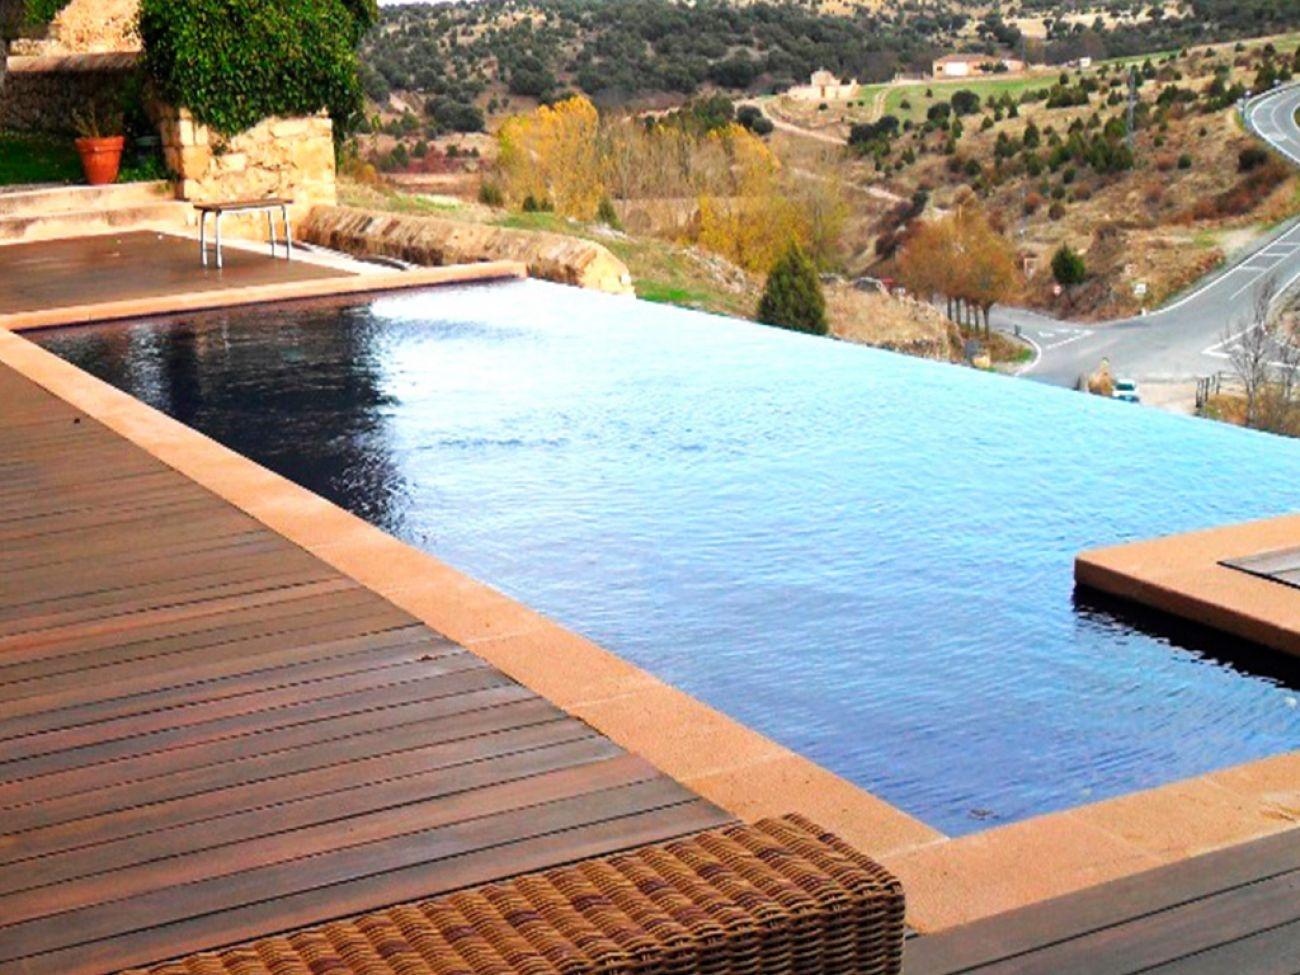 Construcci n de piscina infinity en segovia pedraza for Construccion de piscinas en lleida